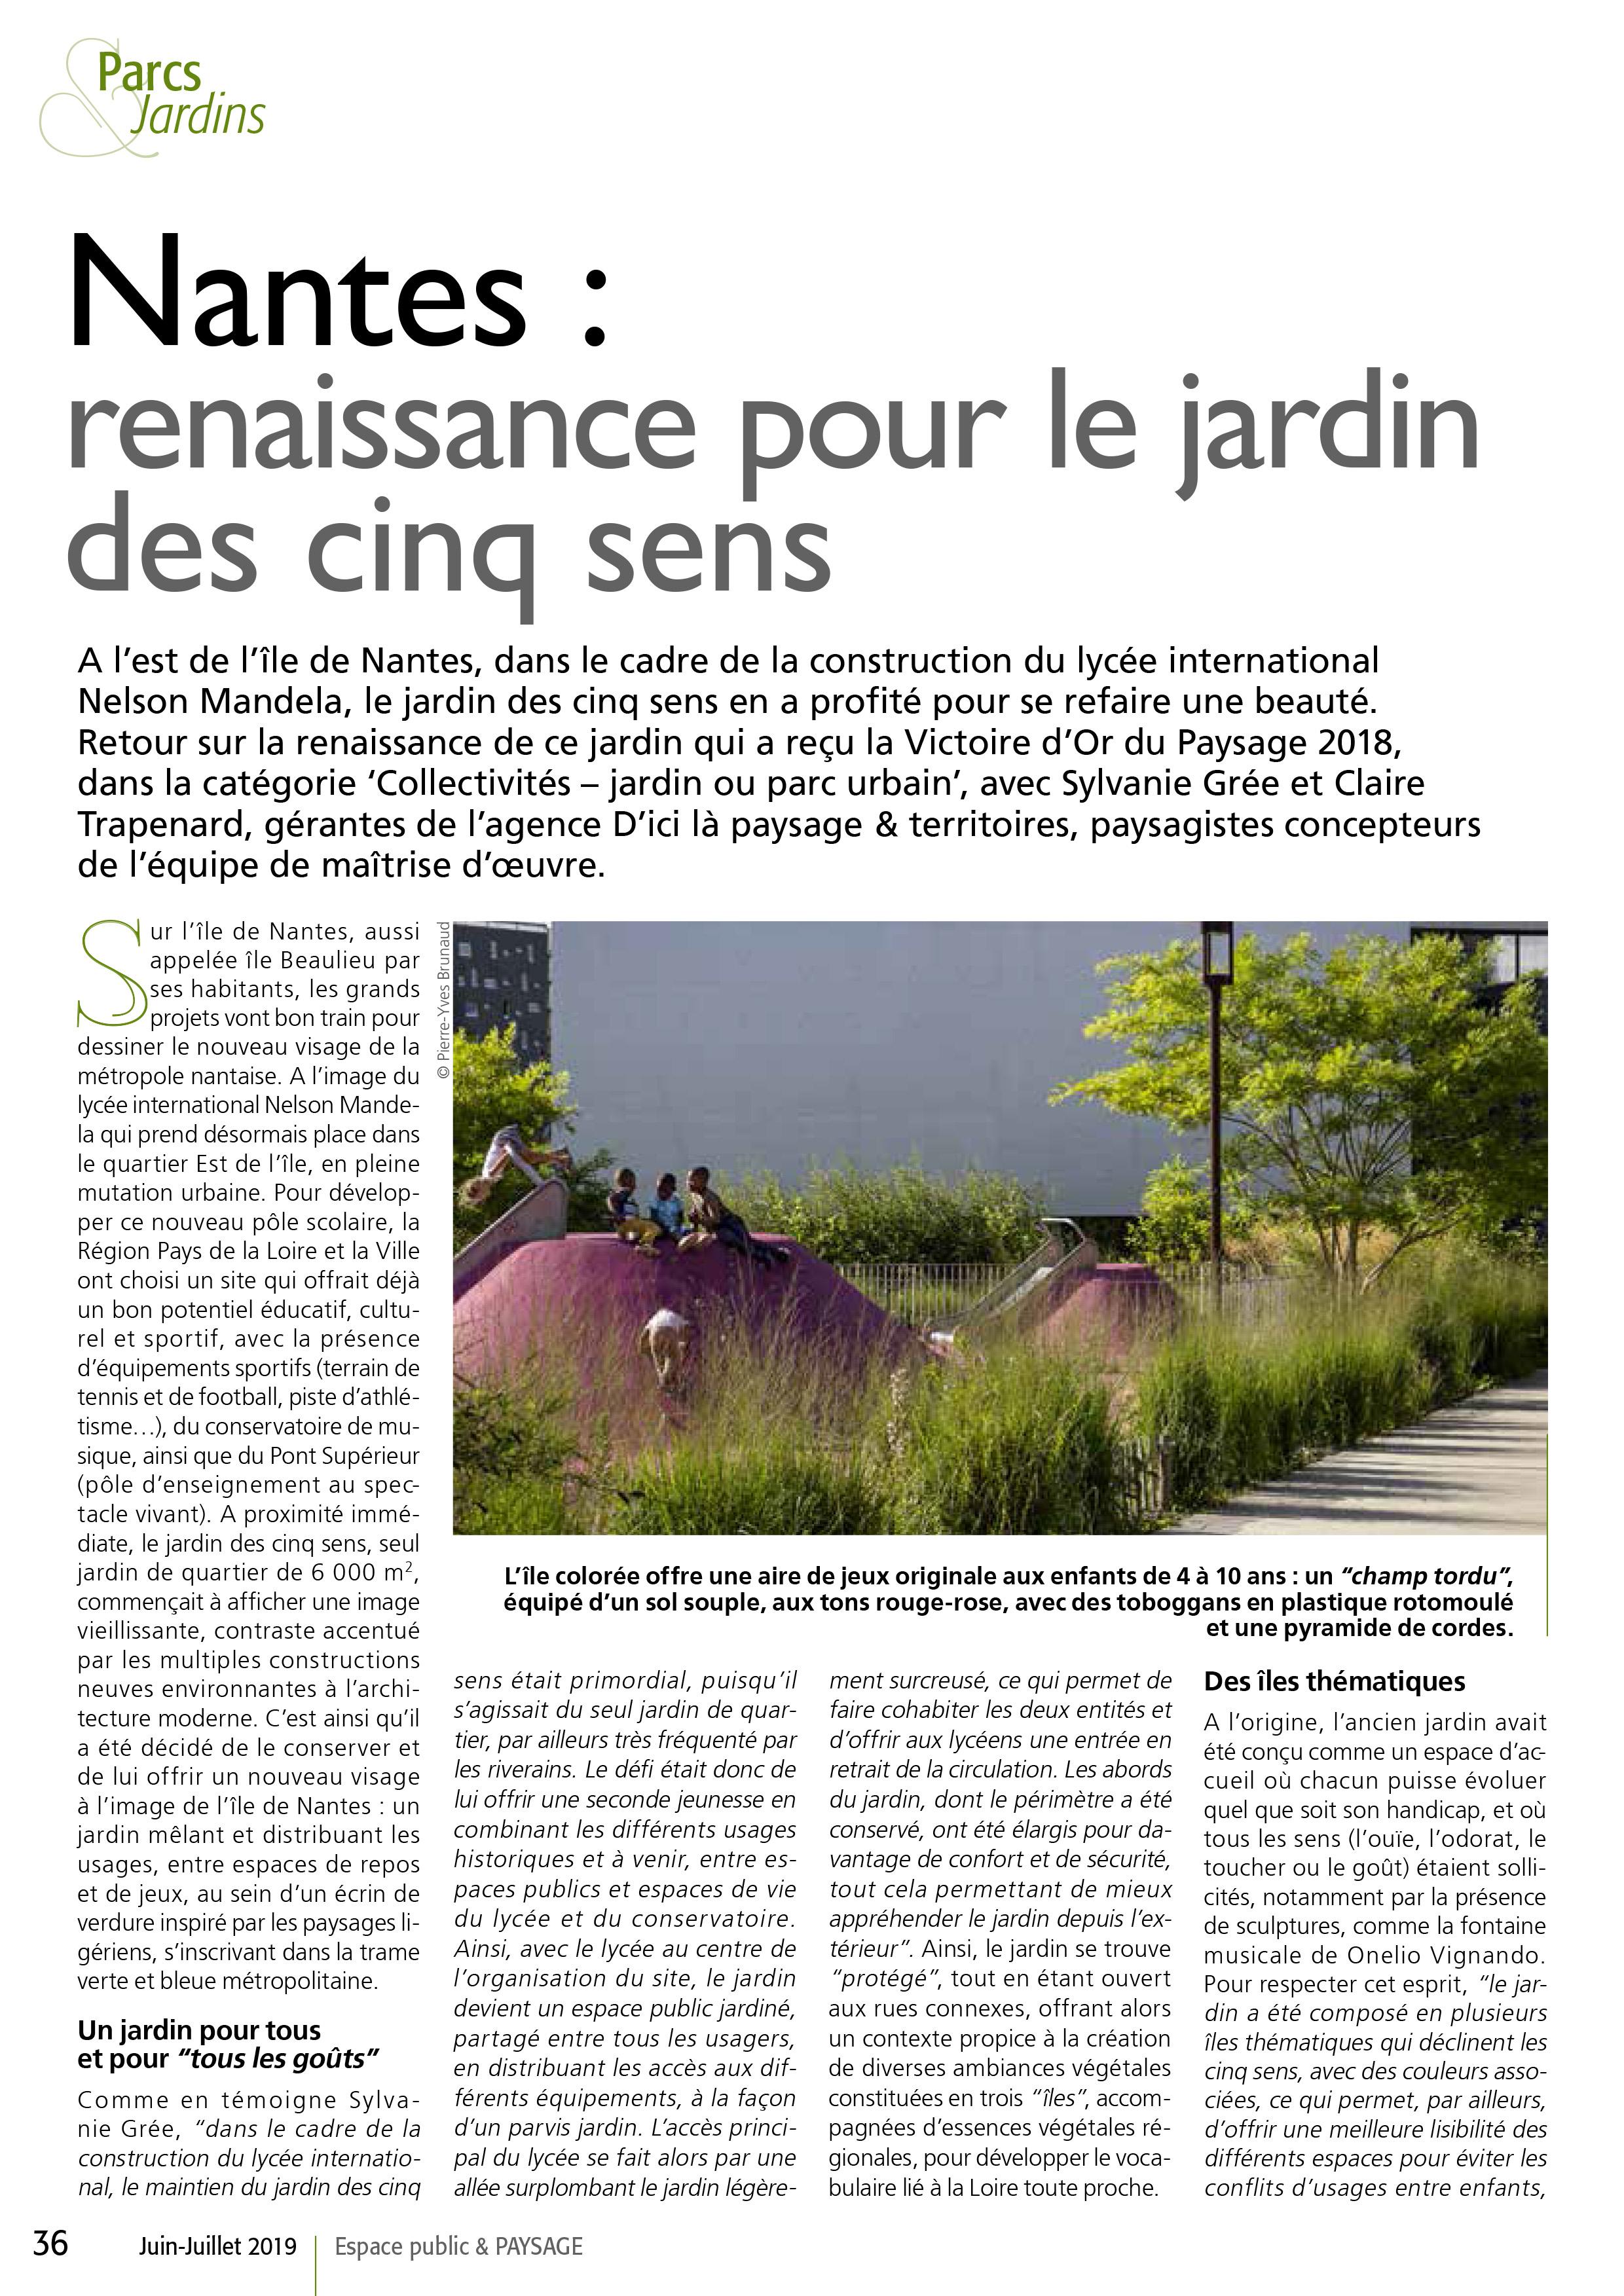 Espace public et paysage_Nantes_Renaissance pour le jardin des cinq sens_2019 juin-juillet_p 36-38-1.jpg